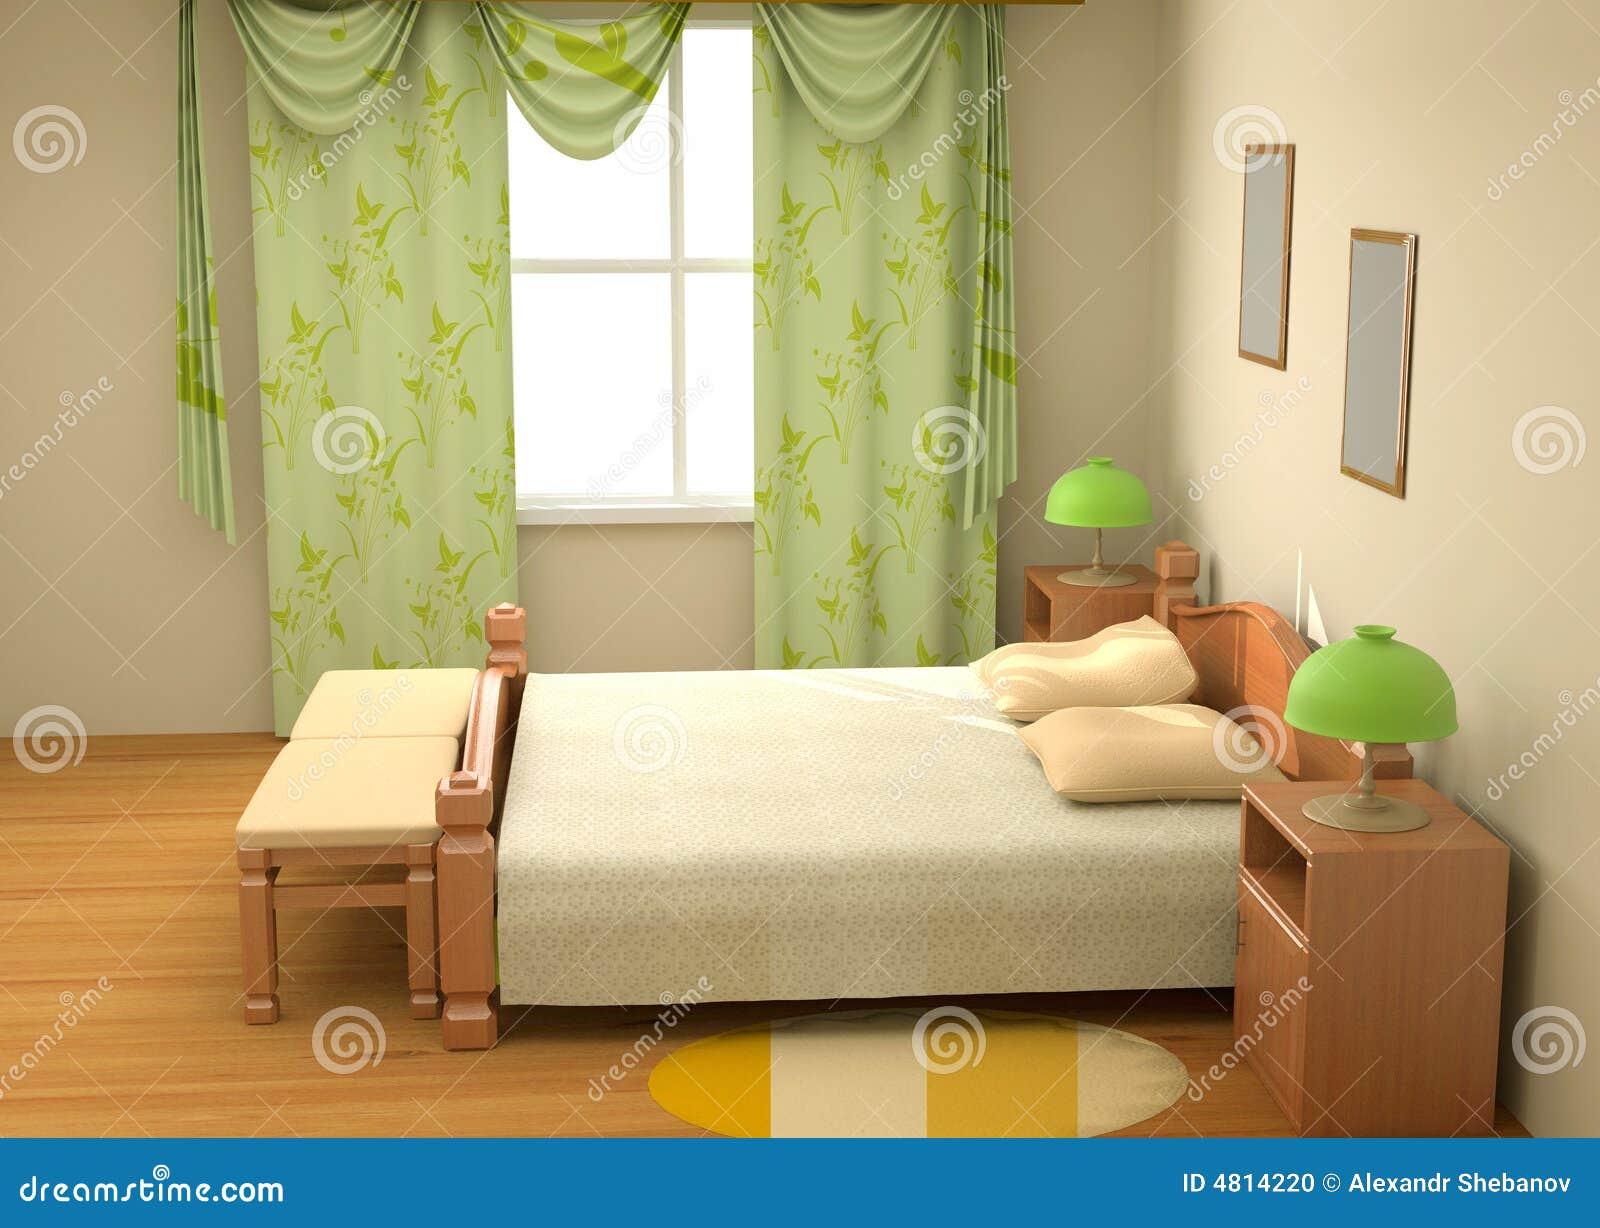 Camera da letto 3d interno fotografia stock immagine for Camera letto 3d